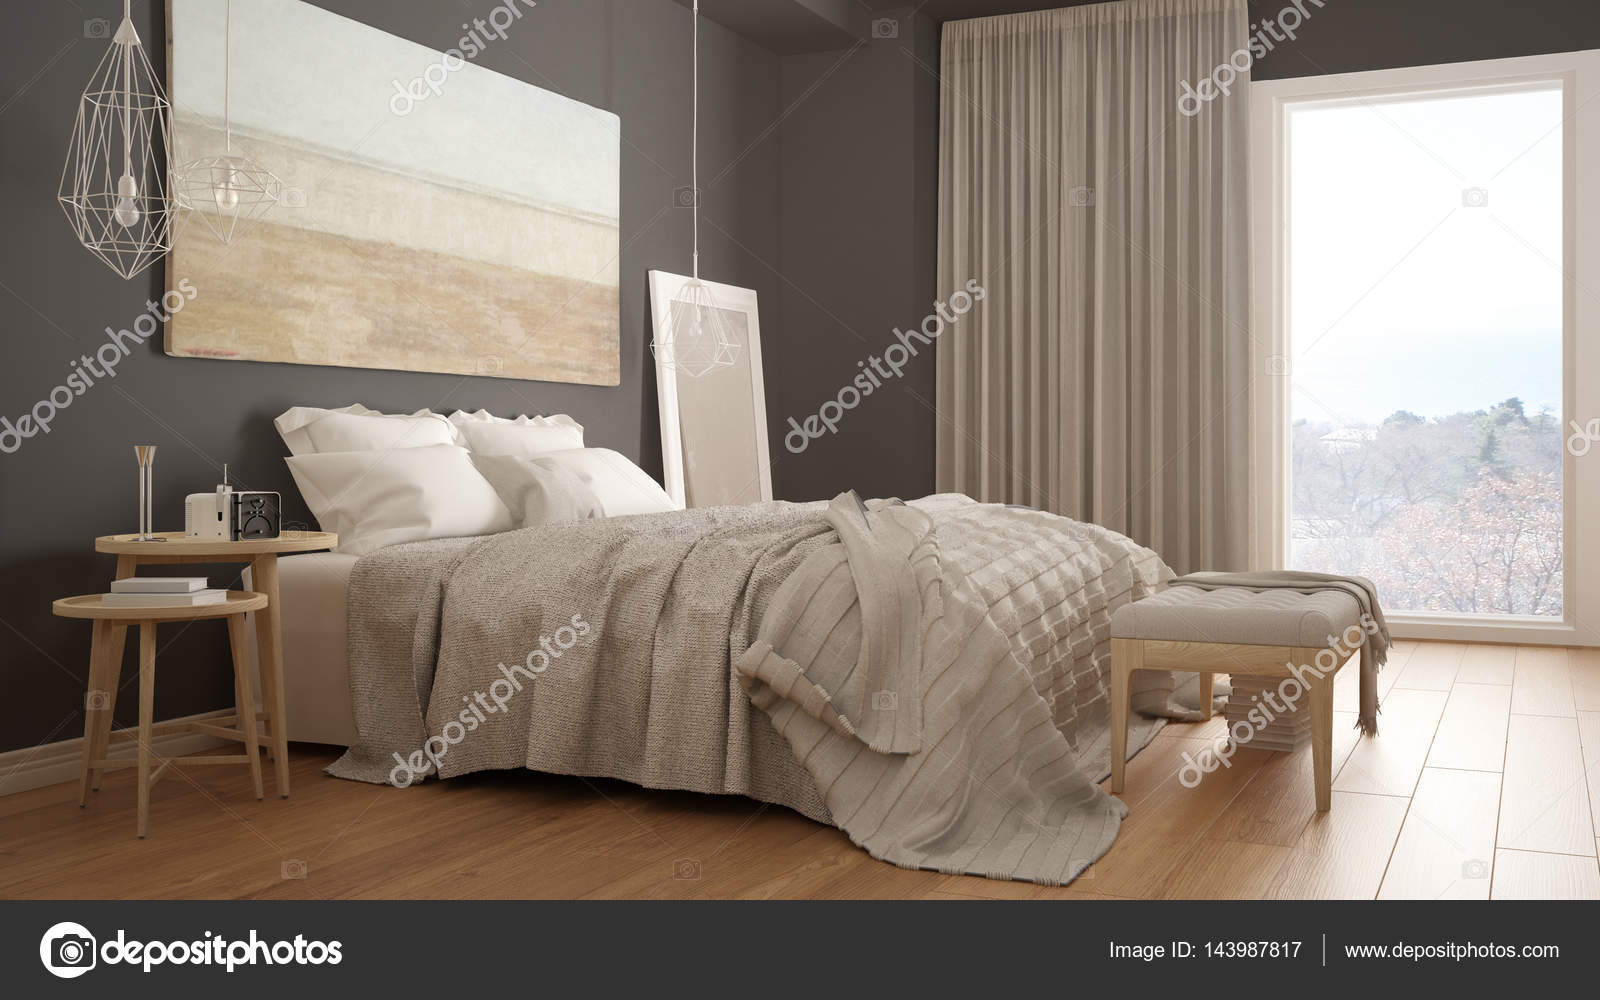 klassieke slaapkamer moderne scandinavische stijl minimalistische interieur foto van archiviz